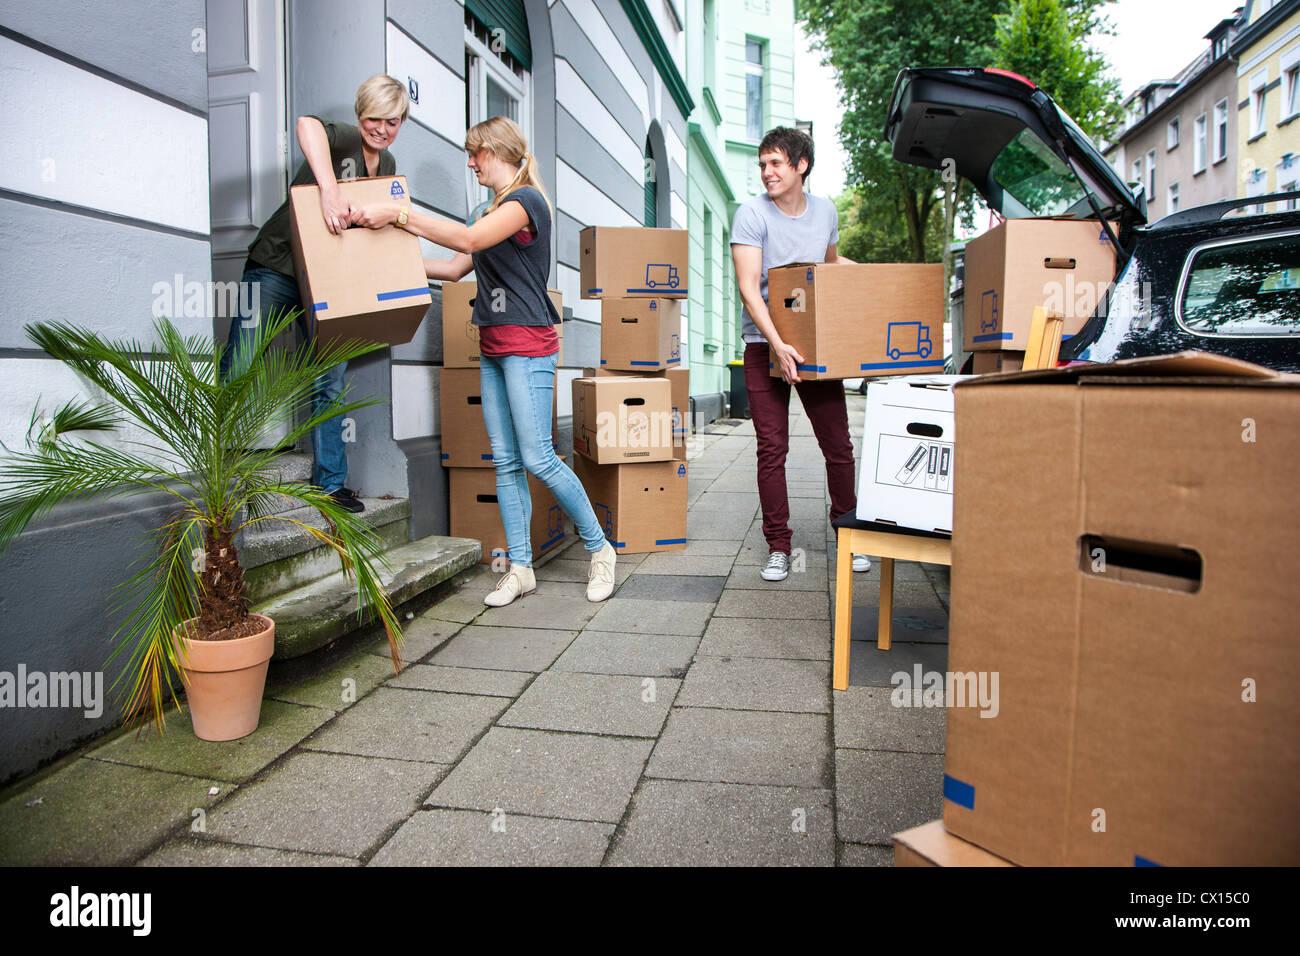 Umzug in eine neue Wohnung. Freunde helfen mit Umzugskartons, Möbel ...